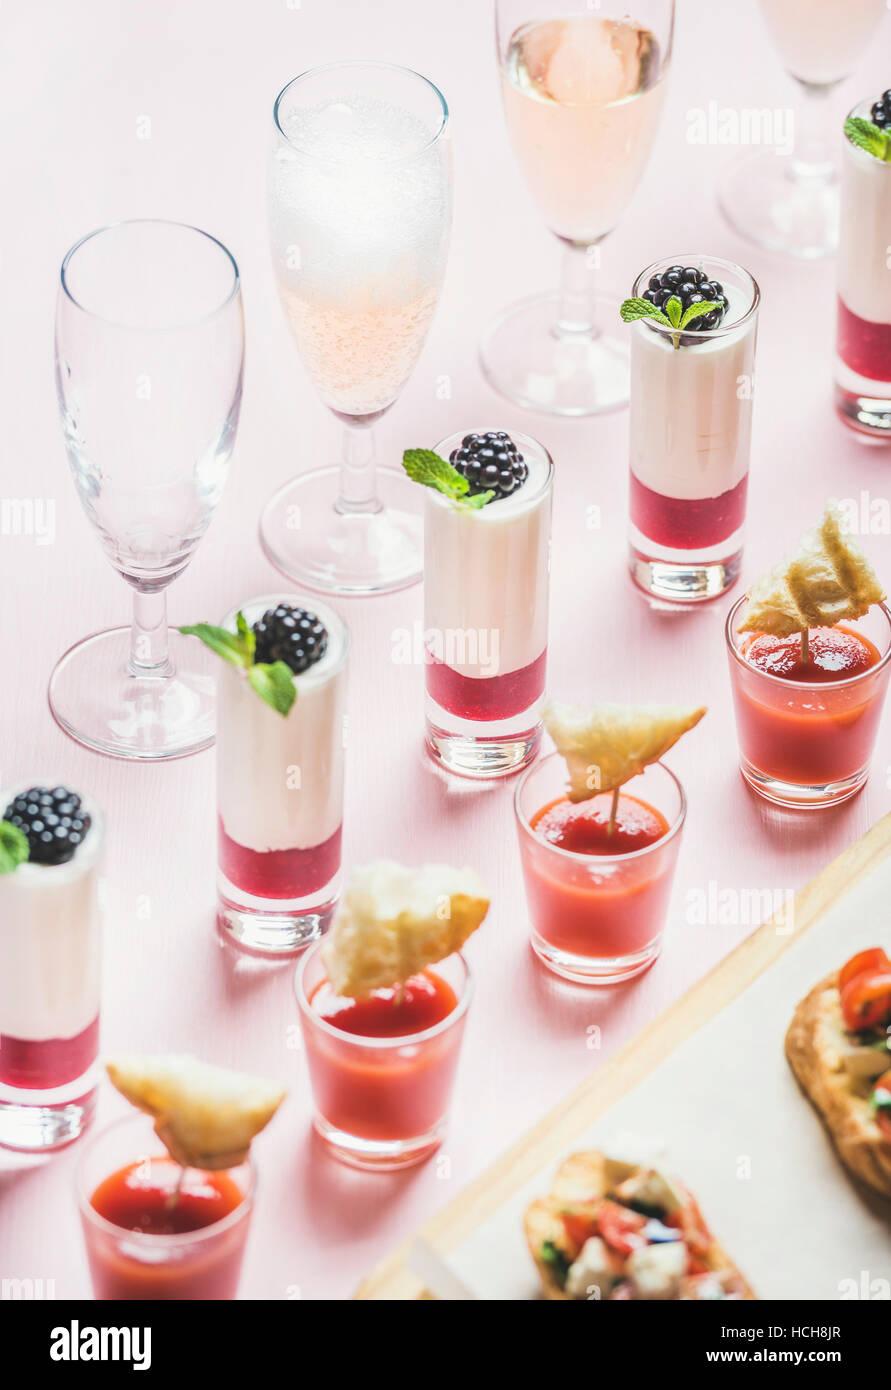 Close-up de diverses collations, brushettas, gazpacho shots, desserts aux fruits rouges et champagne à l'événement Photo Stock